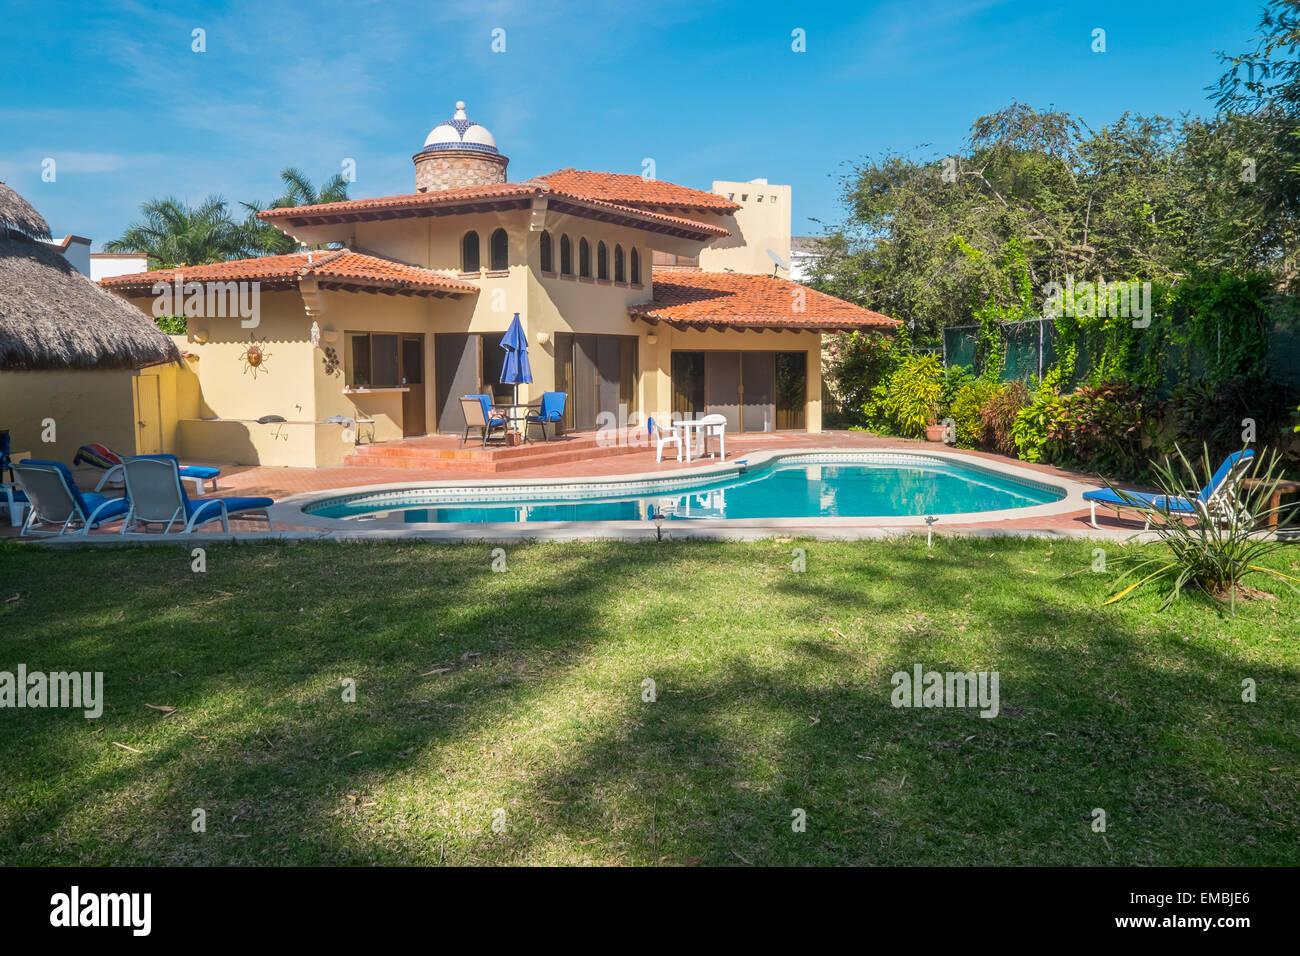 Casa residencial con piscina, México Imagen De Stock